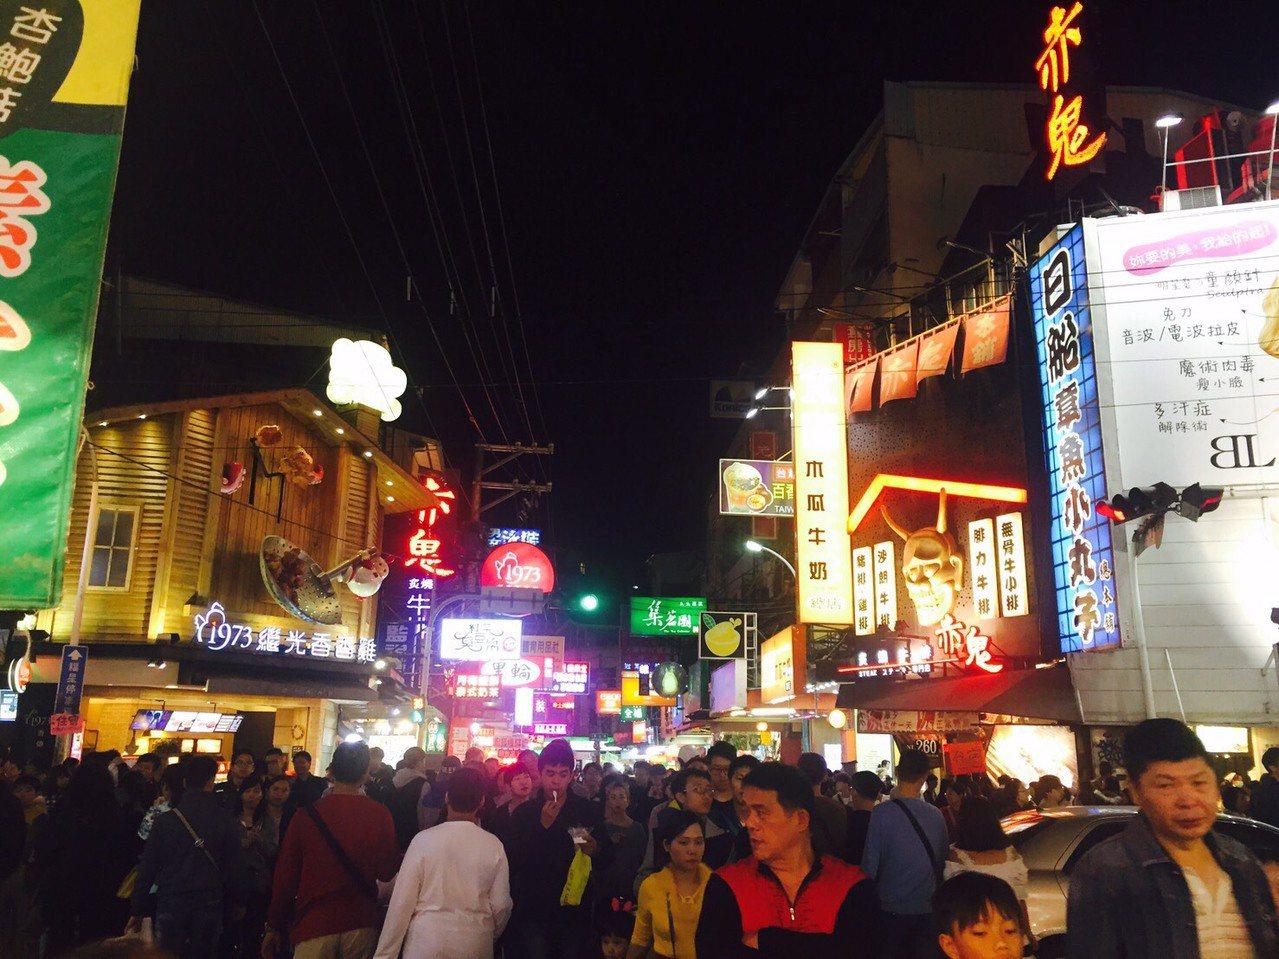 逢甲夜市名每年來客超過千萬人次。記者蘇木春/攝影